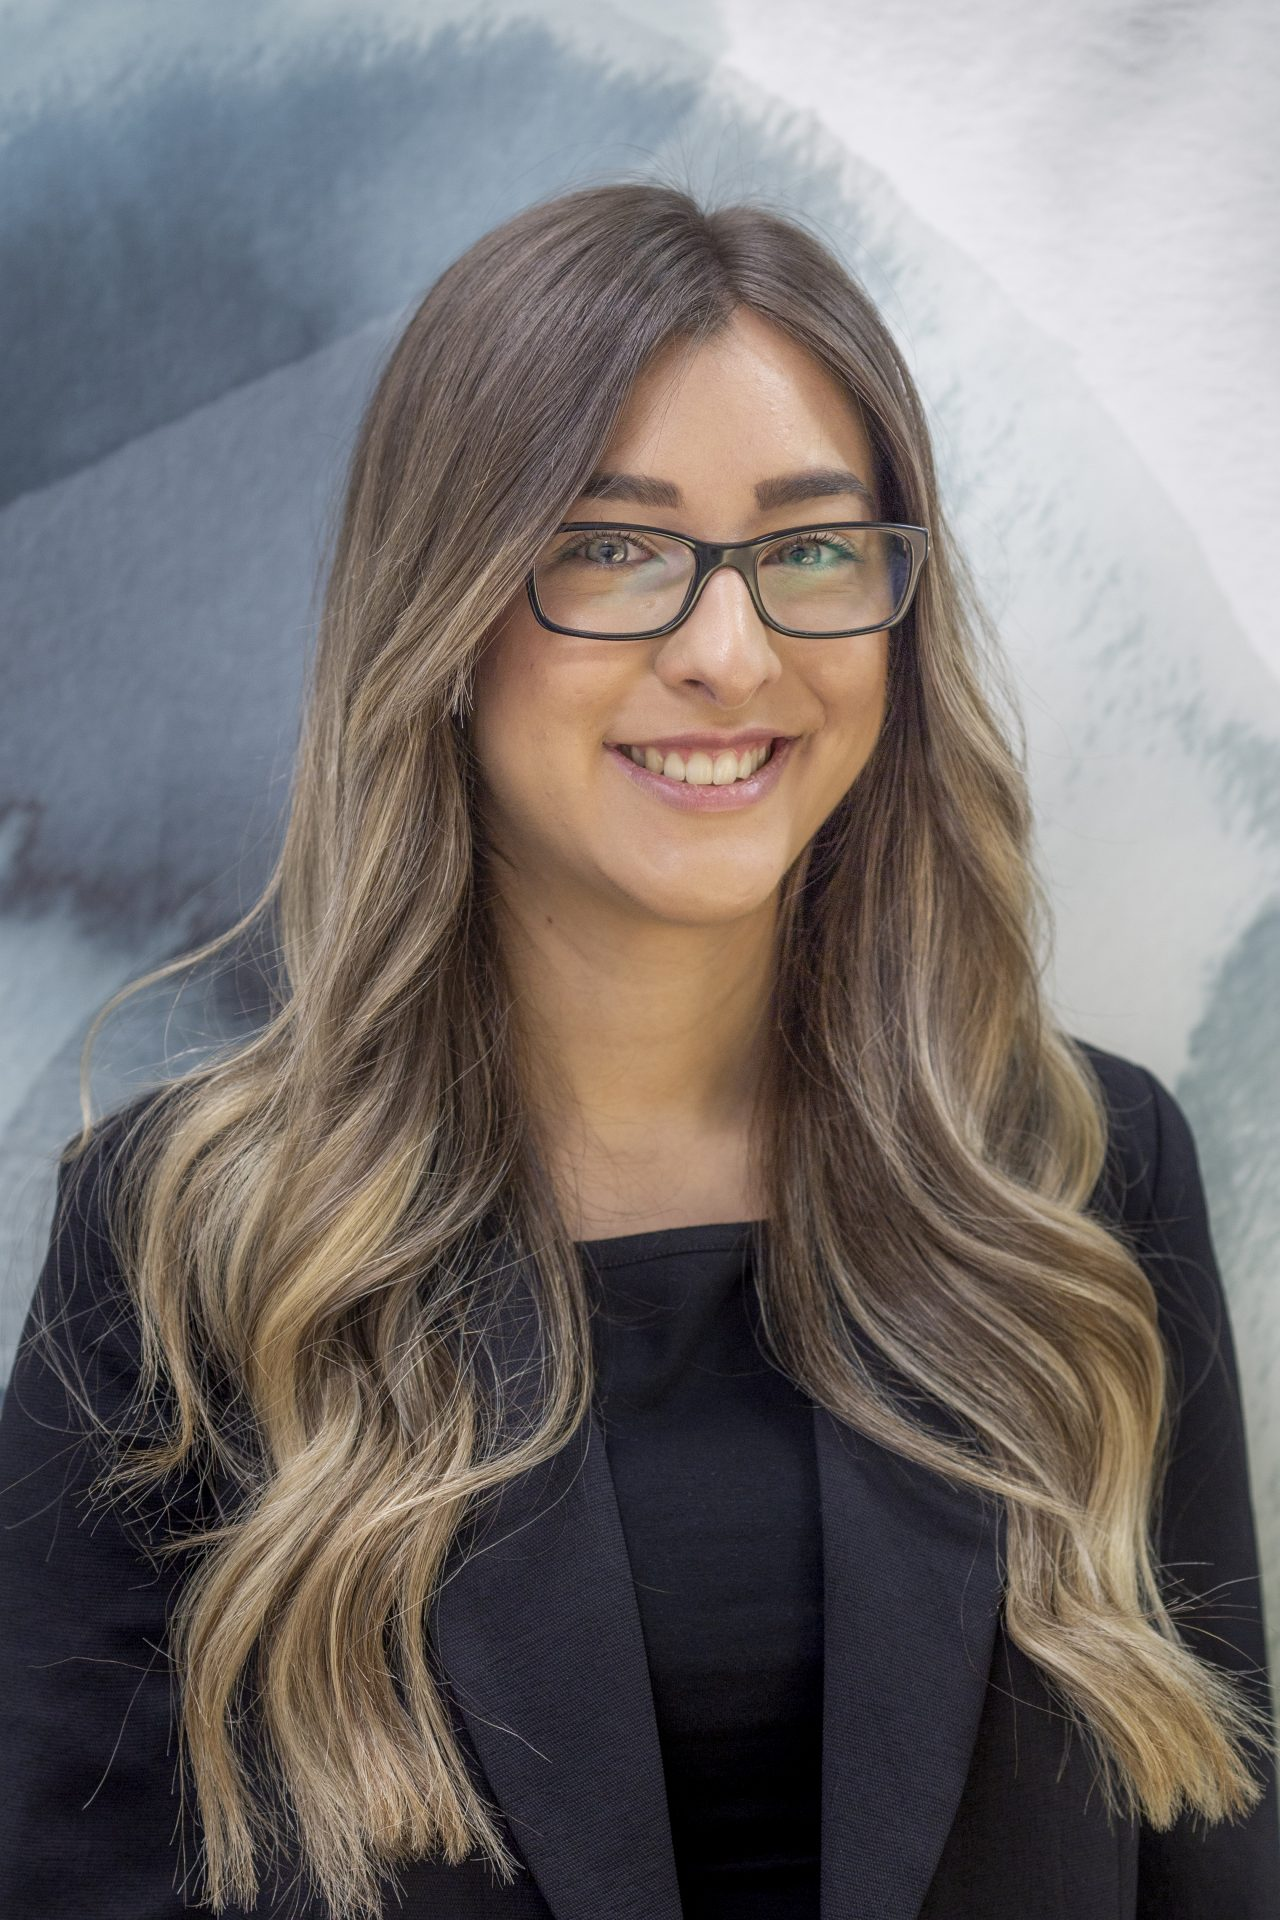 Christina Kakoliris